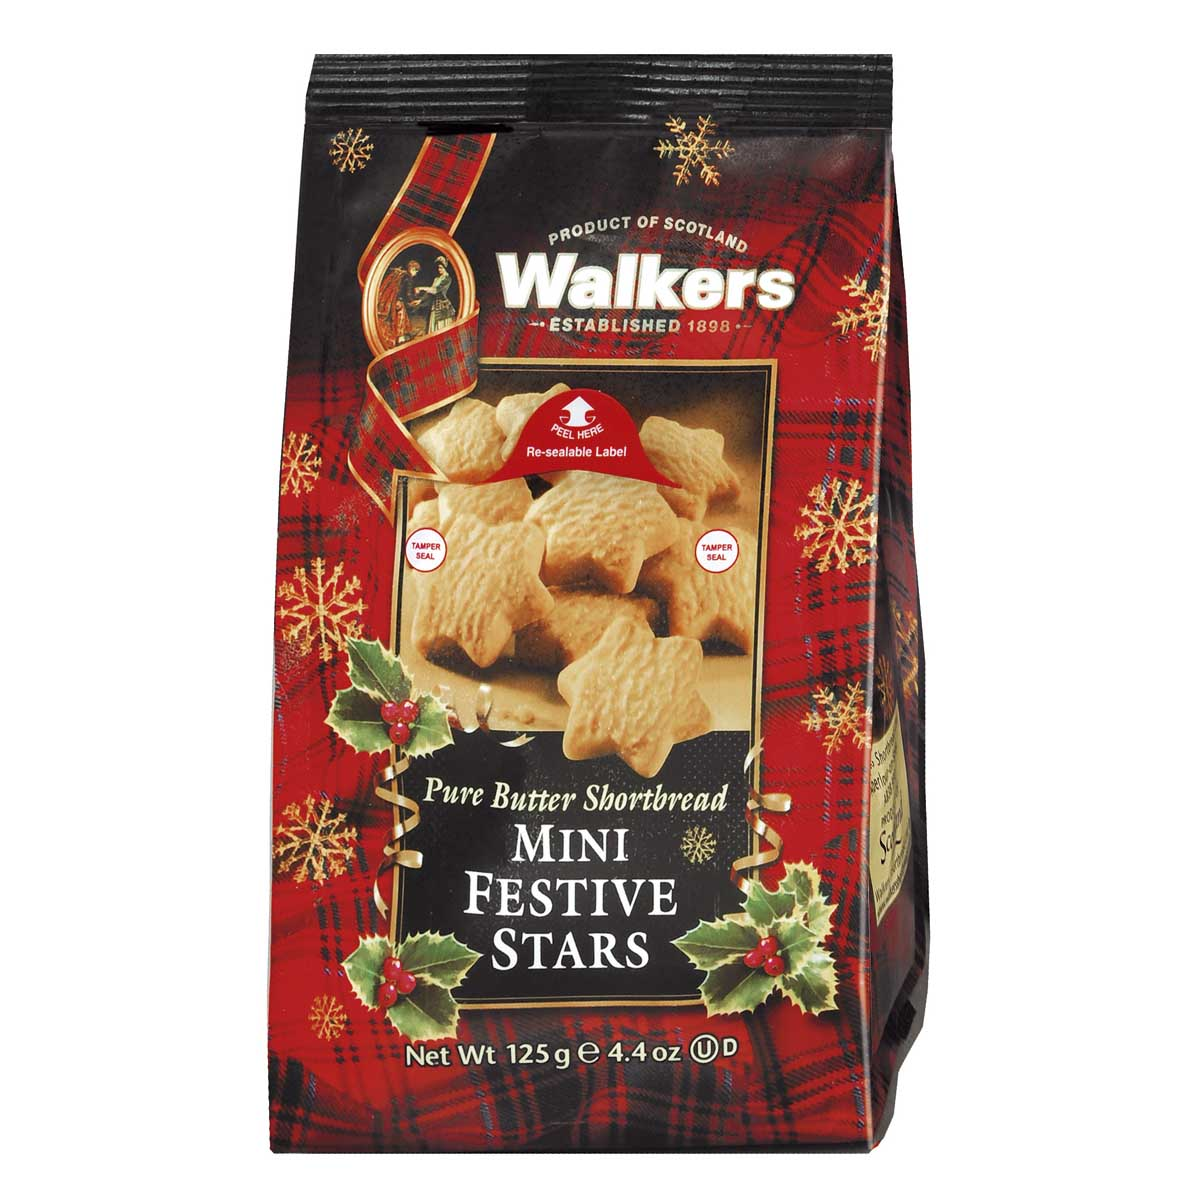 Walkers Shortbread – Mini Festive Shortbread Stars 125g.